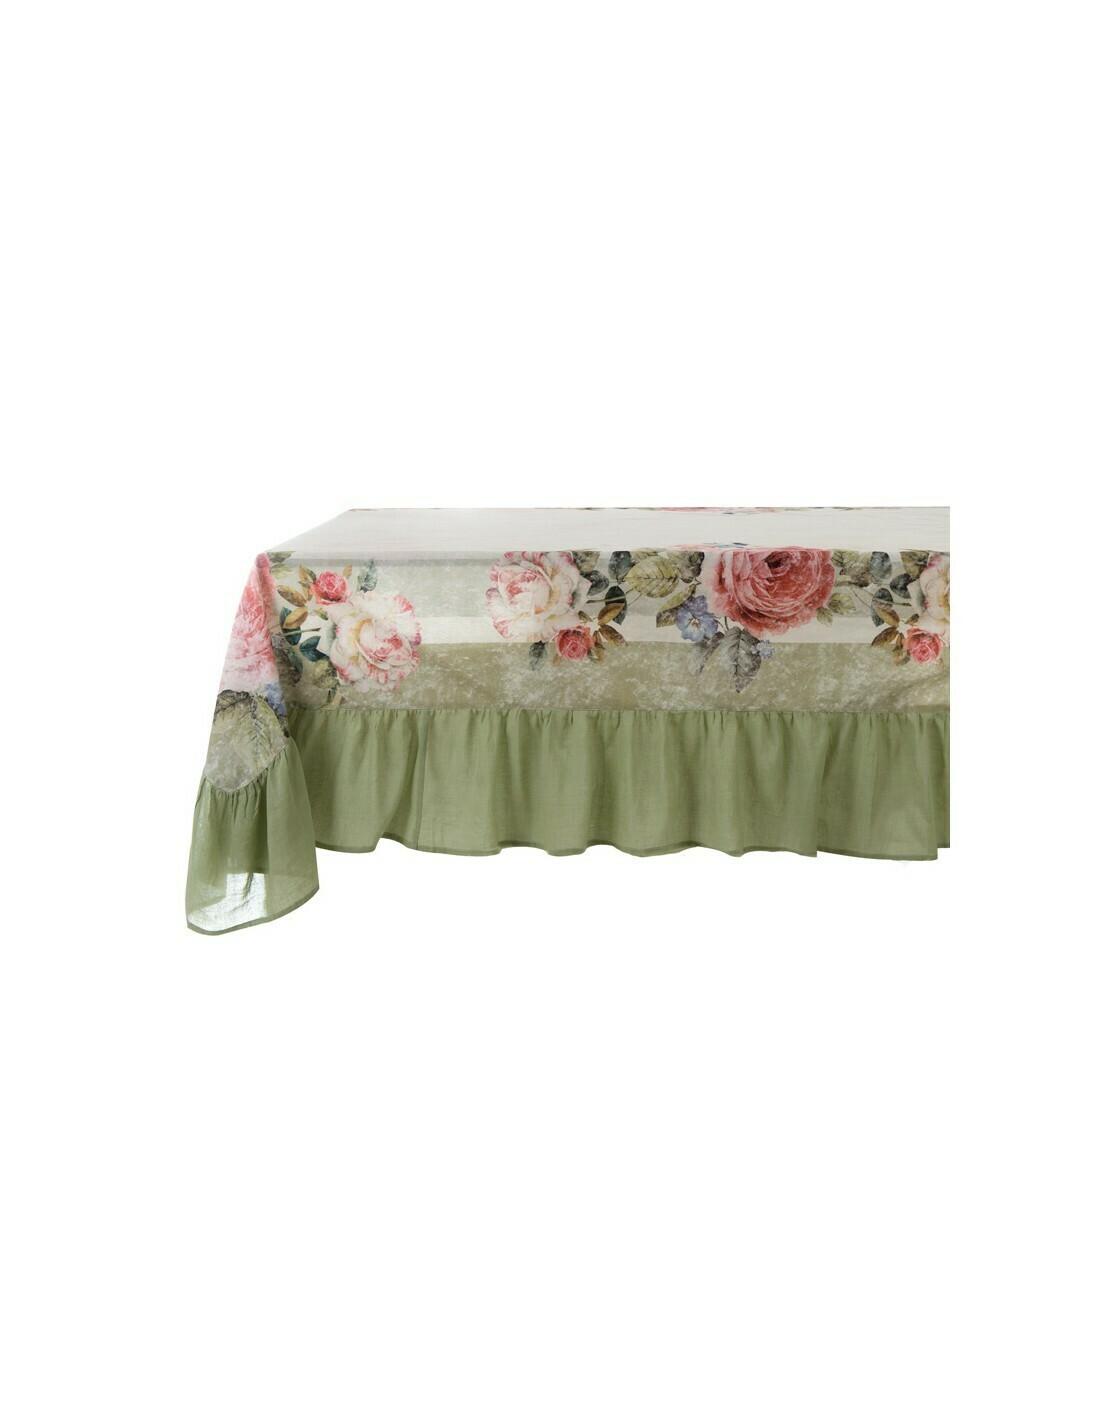 Tovaglia In Cotone con Gala 150 x 220 cm Blanc Mariclò Collezione 50's Vintage Floral